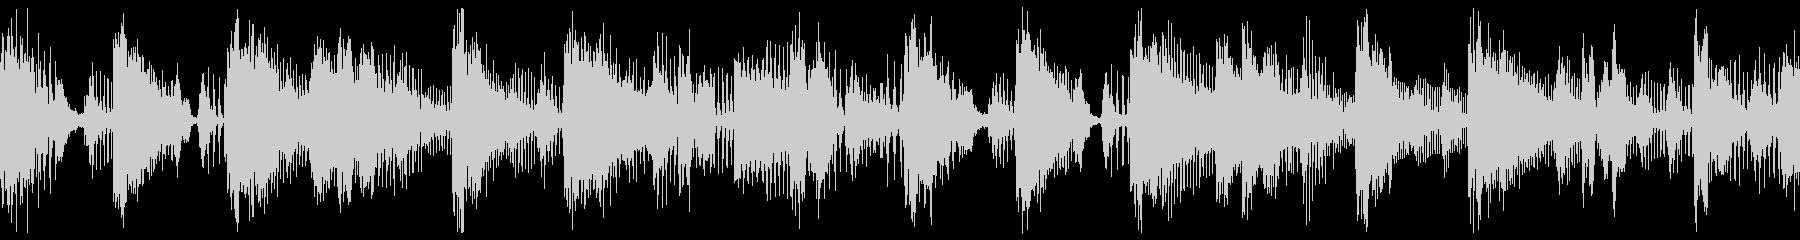 短ループ・ディスコ・派手で切れがあるの未再生の波形